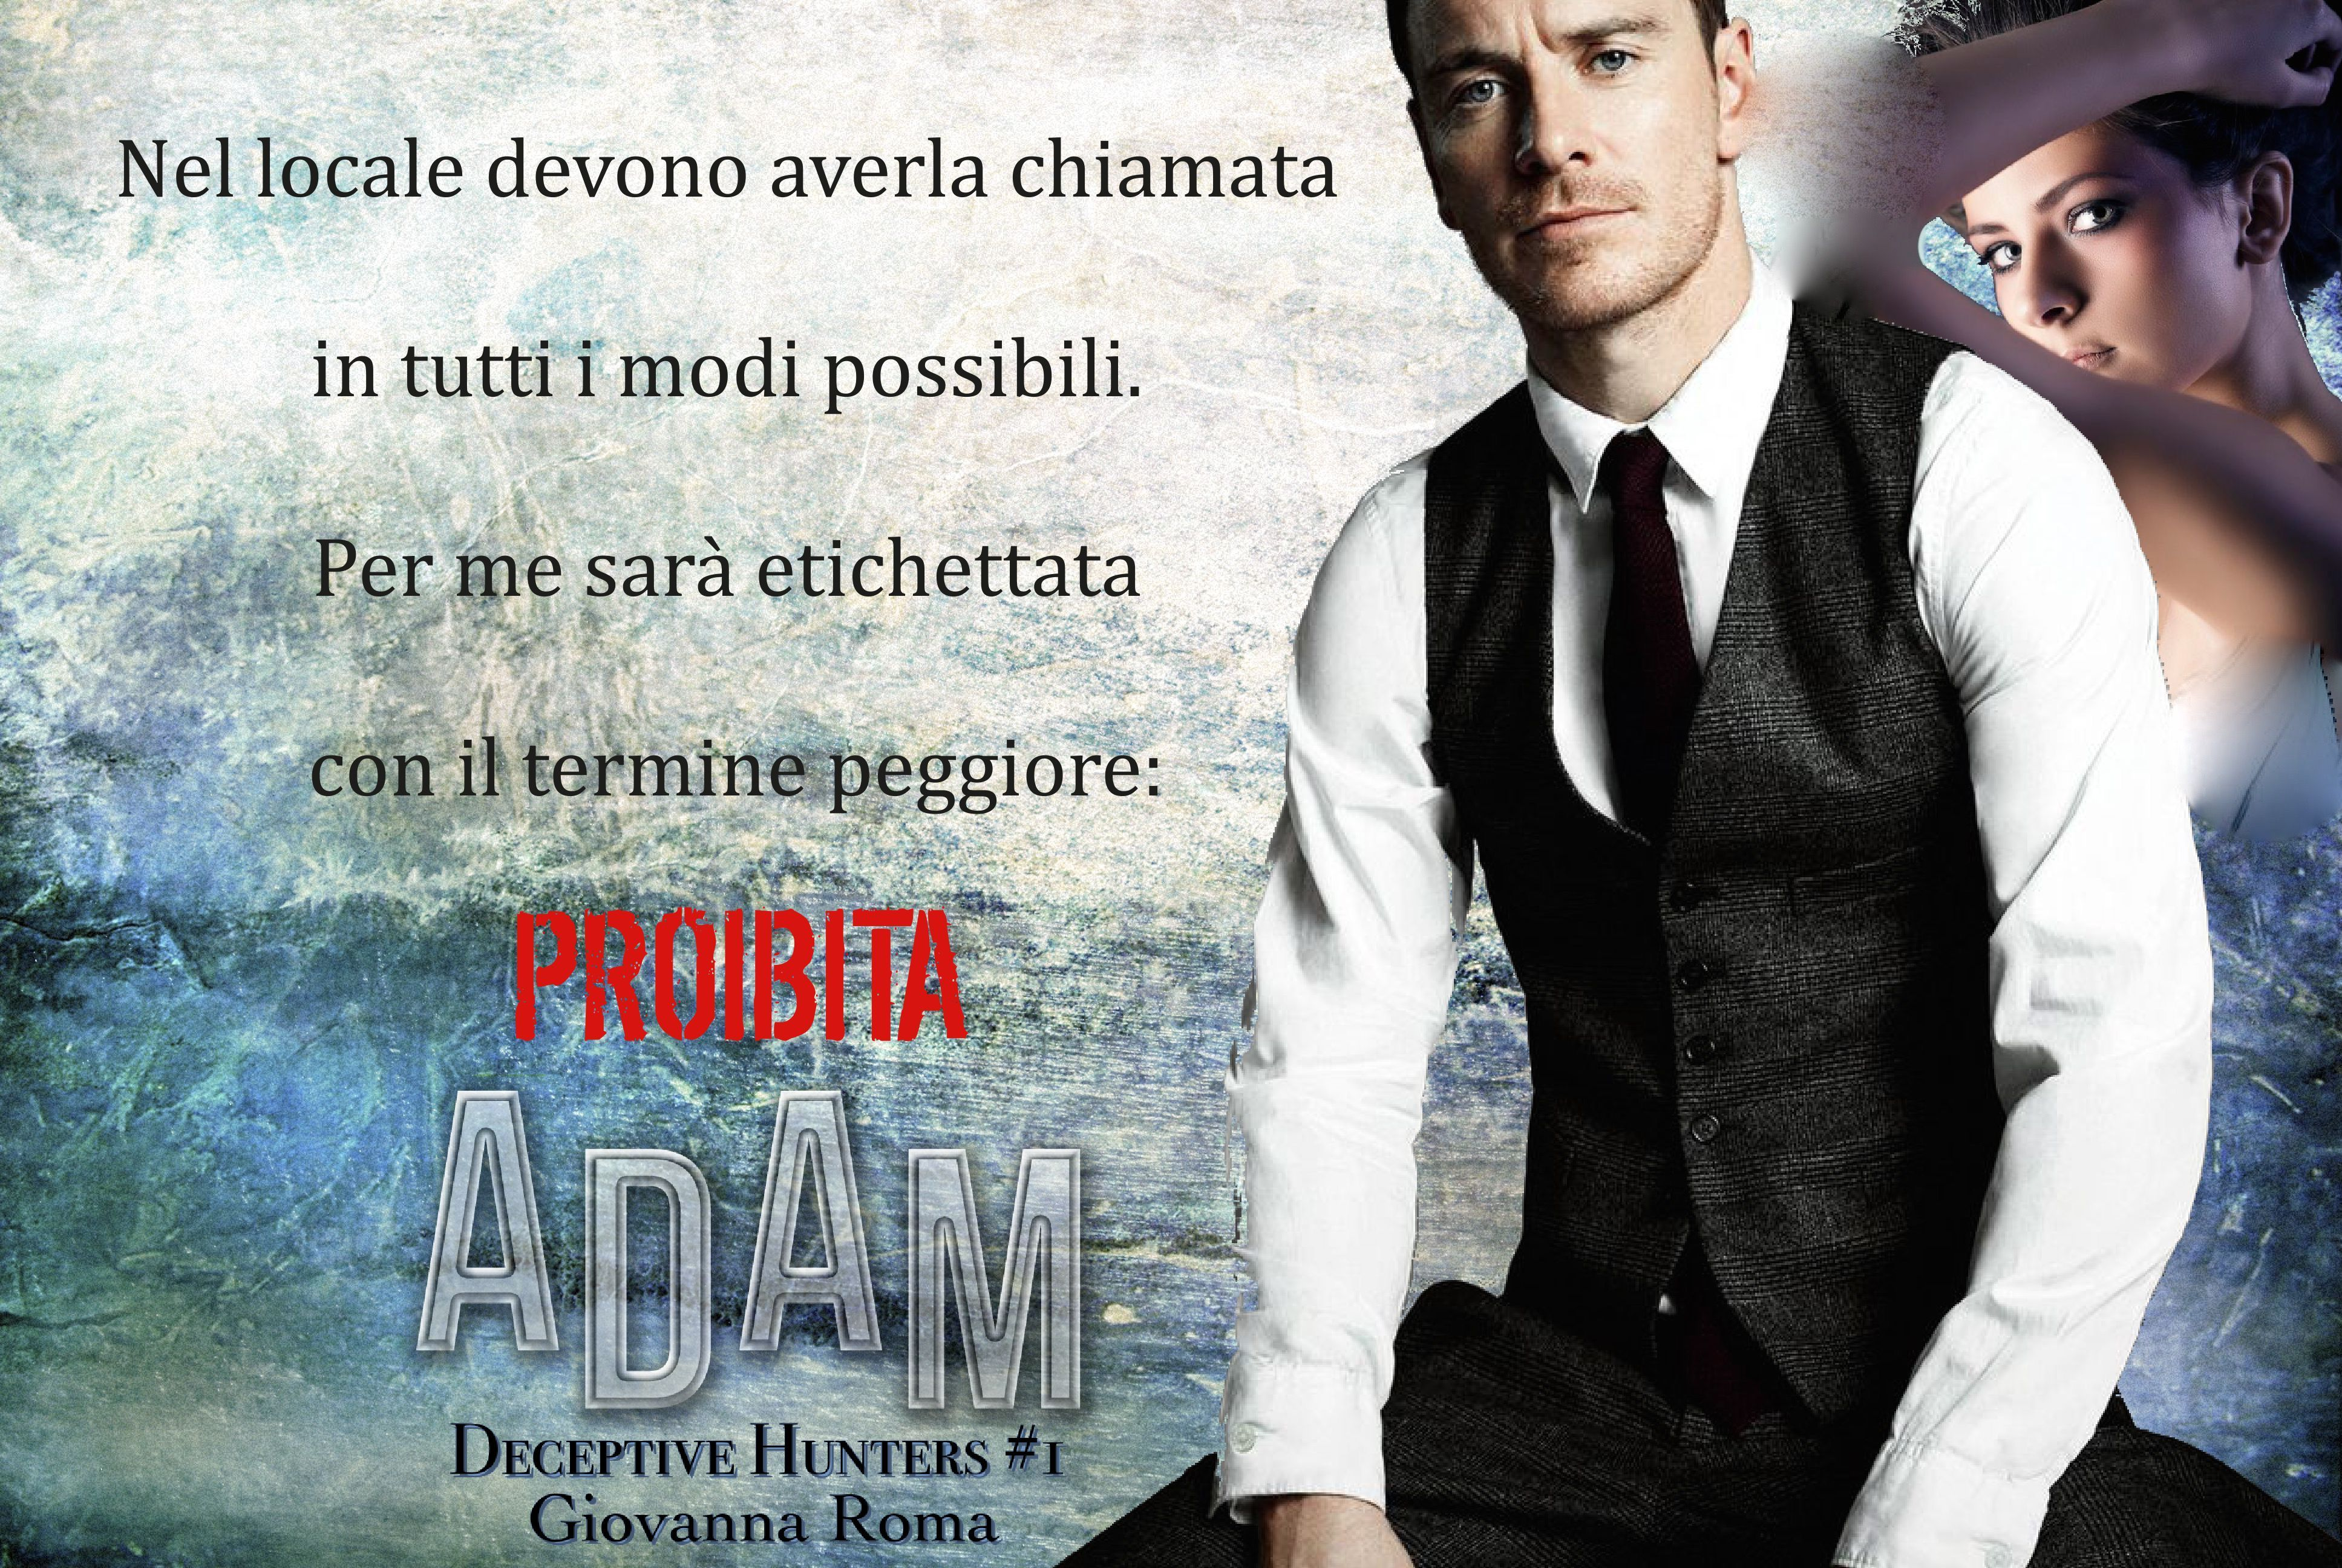 """""""Nel locale devono averla chiamata in tutti i modi possibili. Per me sarà etichettata con il termine peggiore: proibita."""" © #DeceptiveHuntersSeries #Adam - Giovanna Roma #teaser #Dark"""